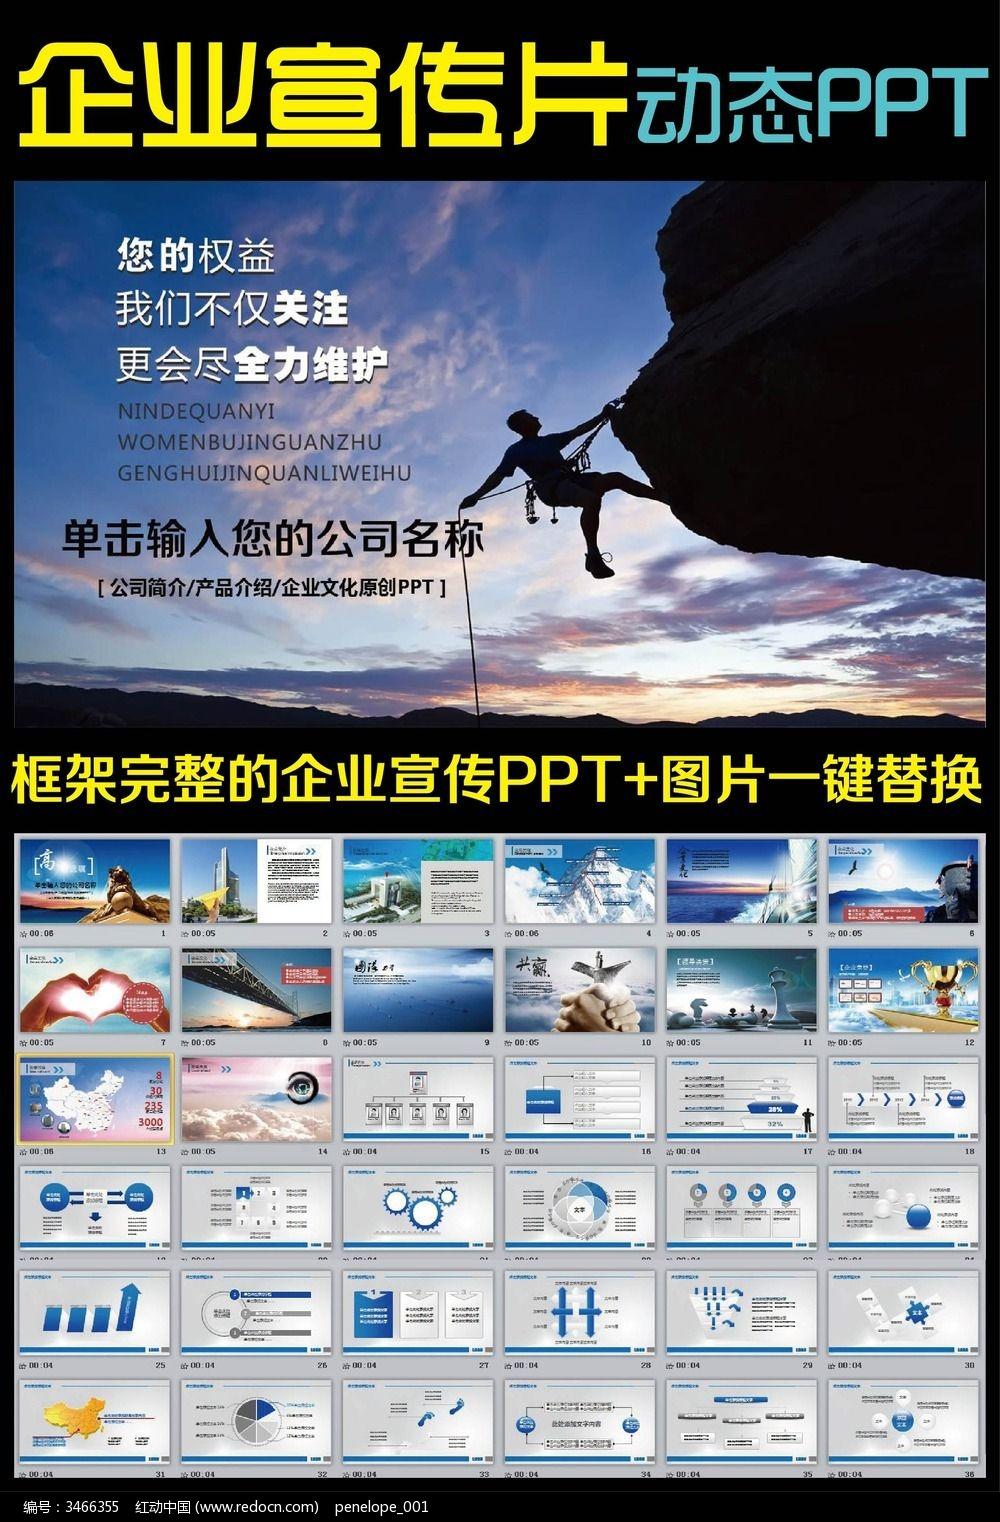 15款 企业发展历程企业简介ppt模板